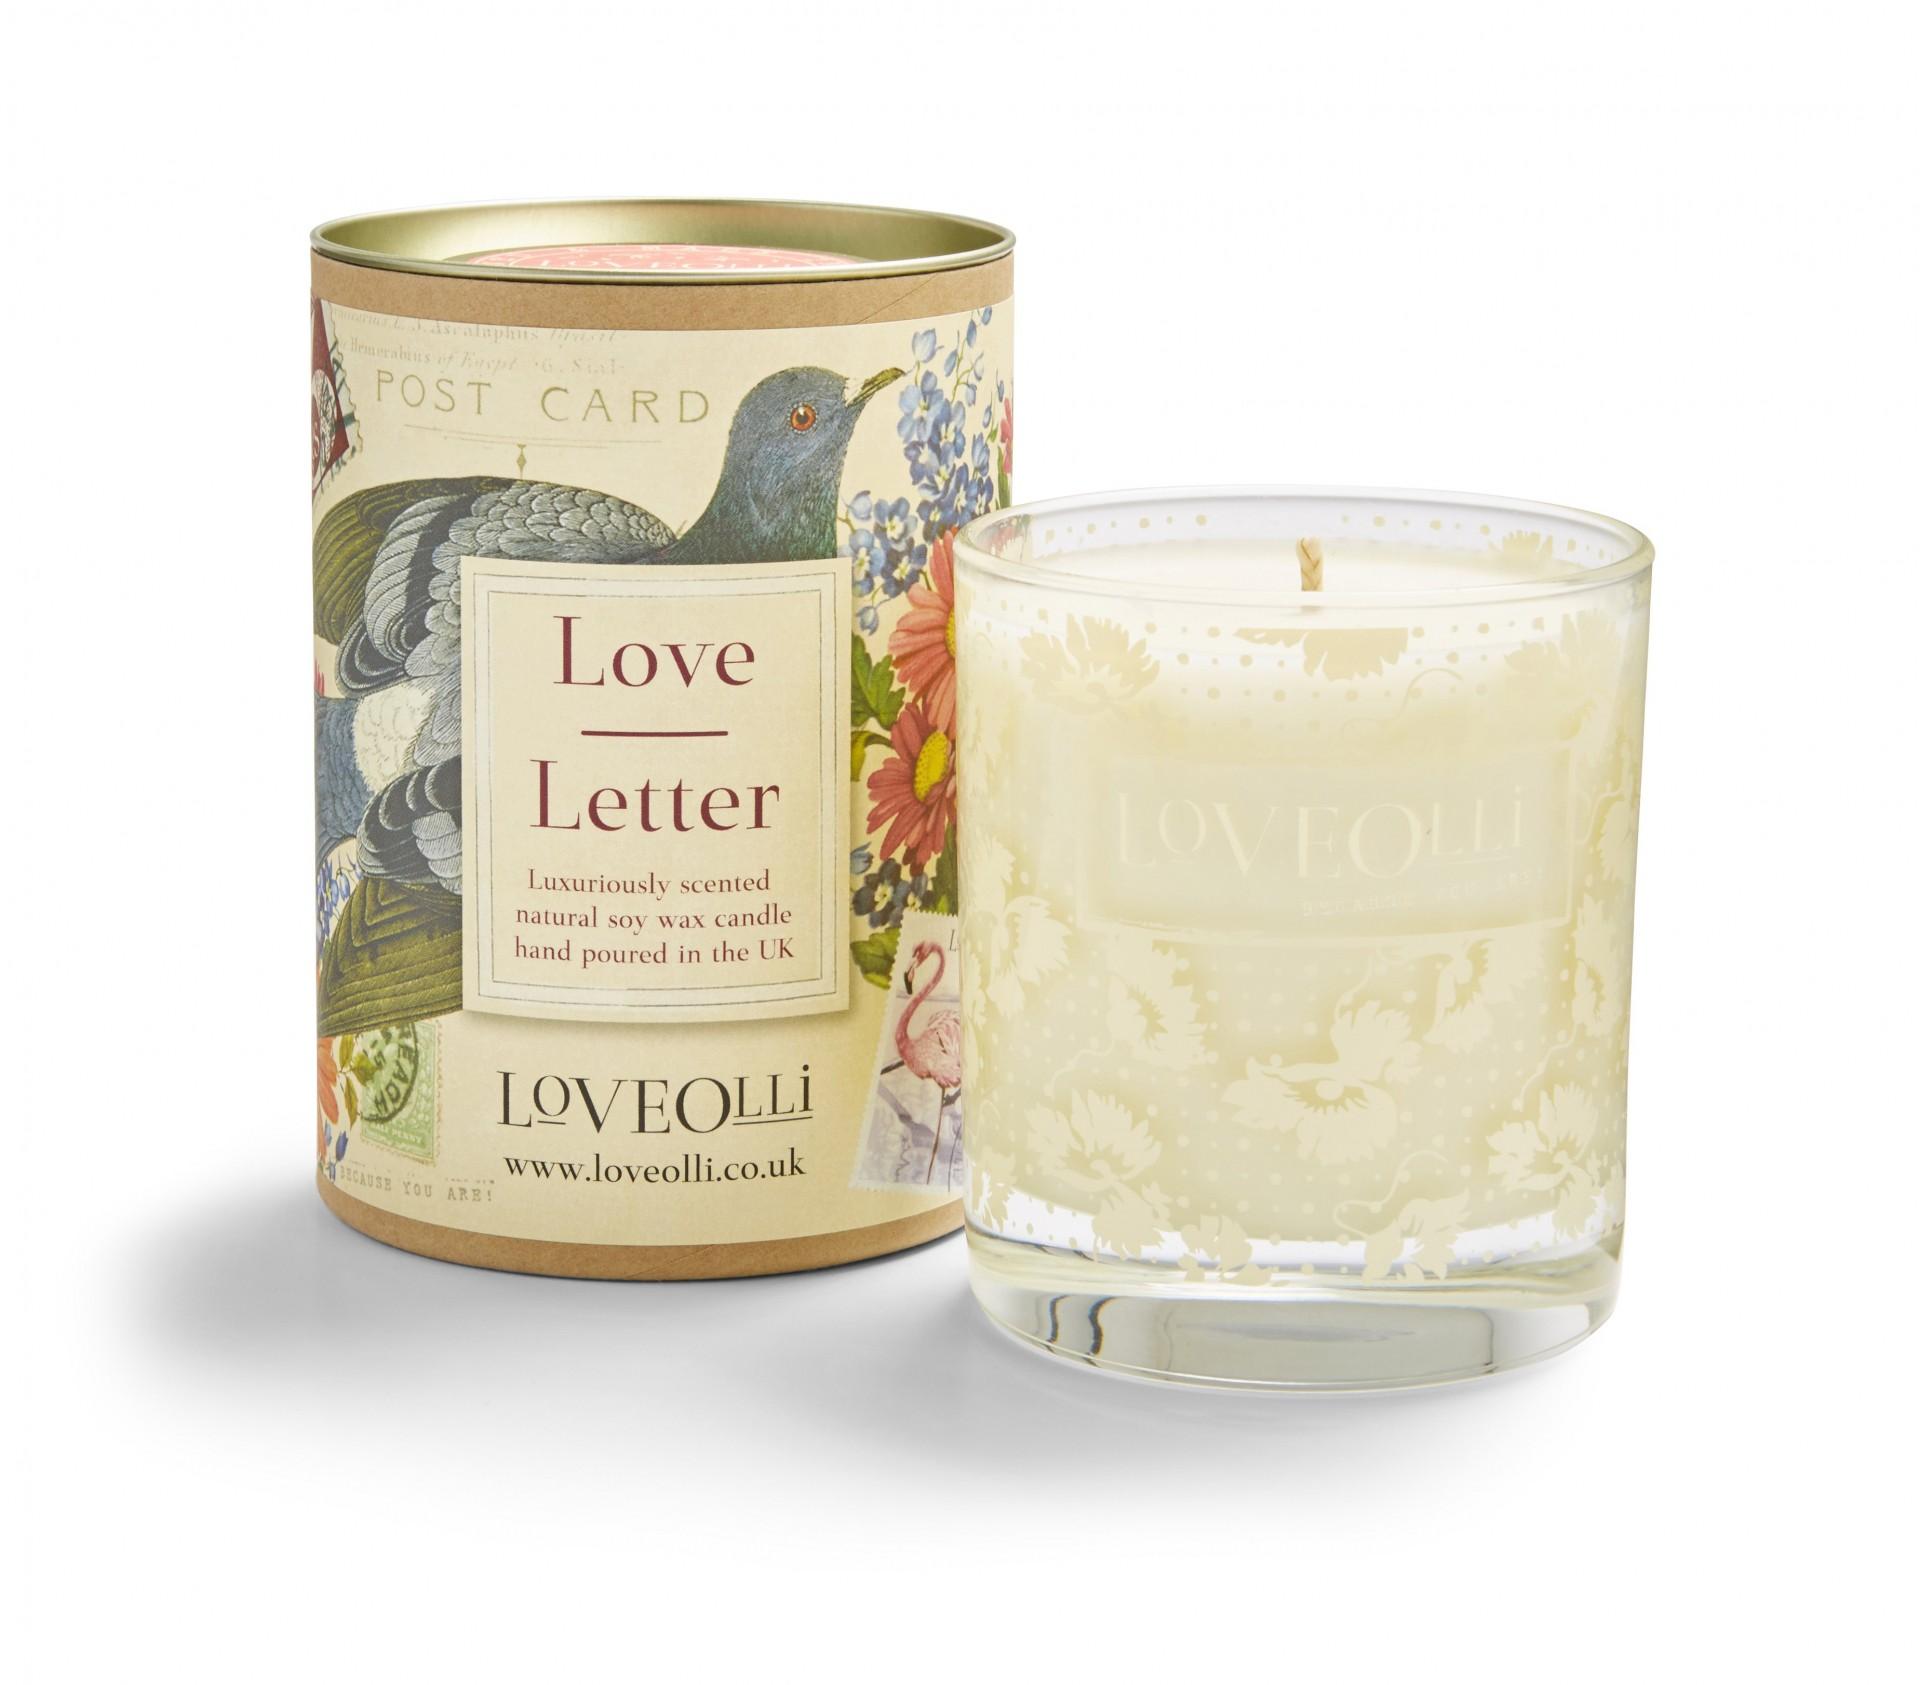 Loveolli-Vela LOVE LETTER